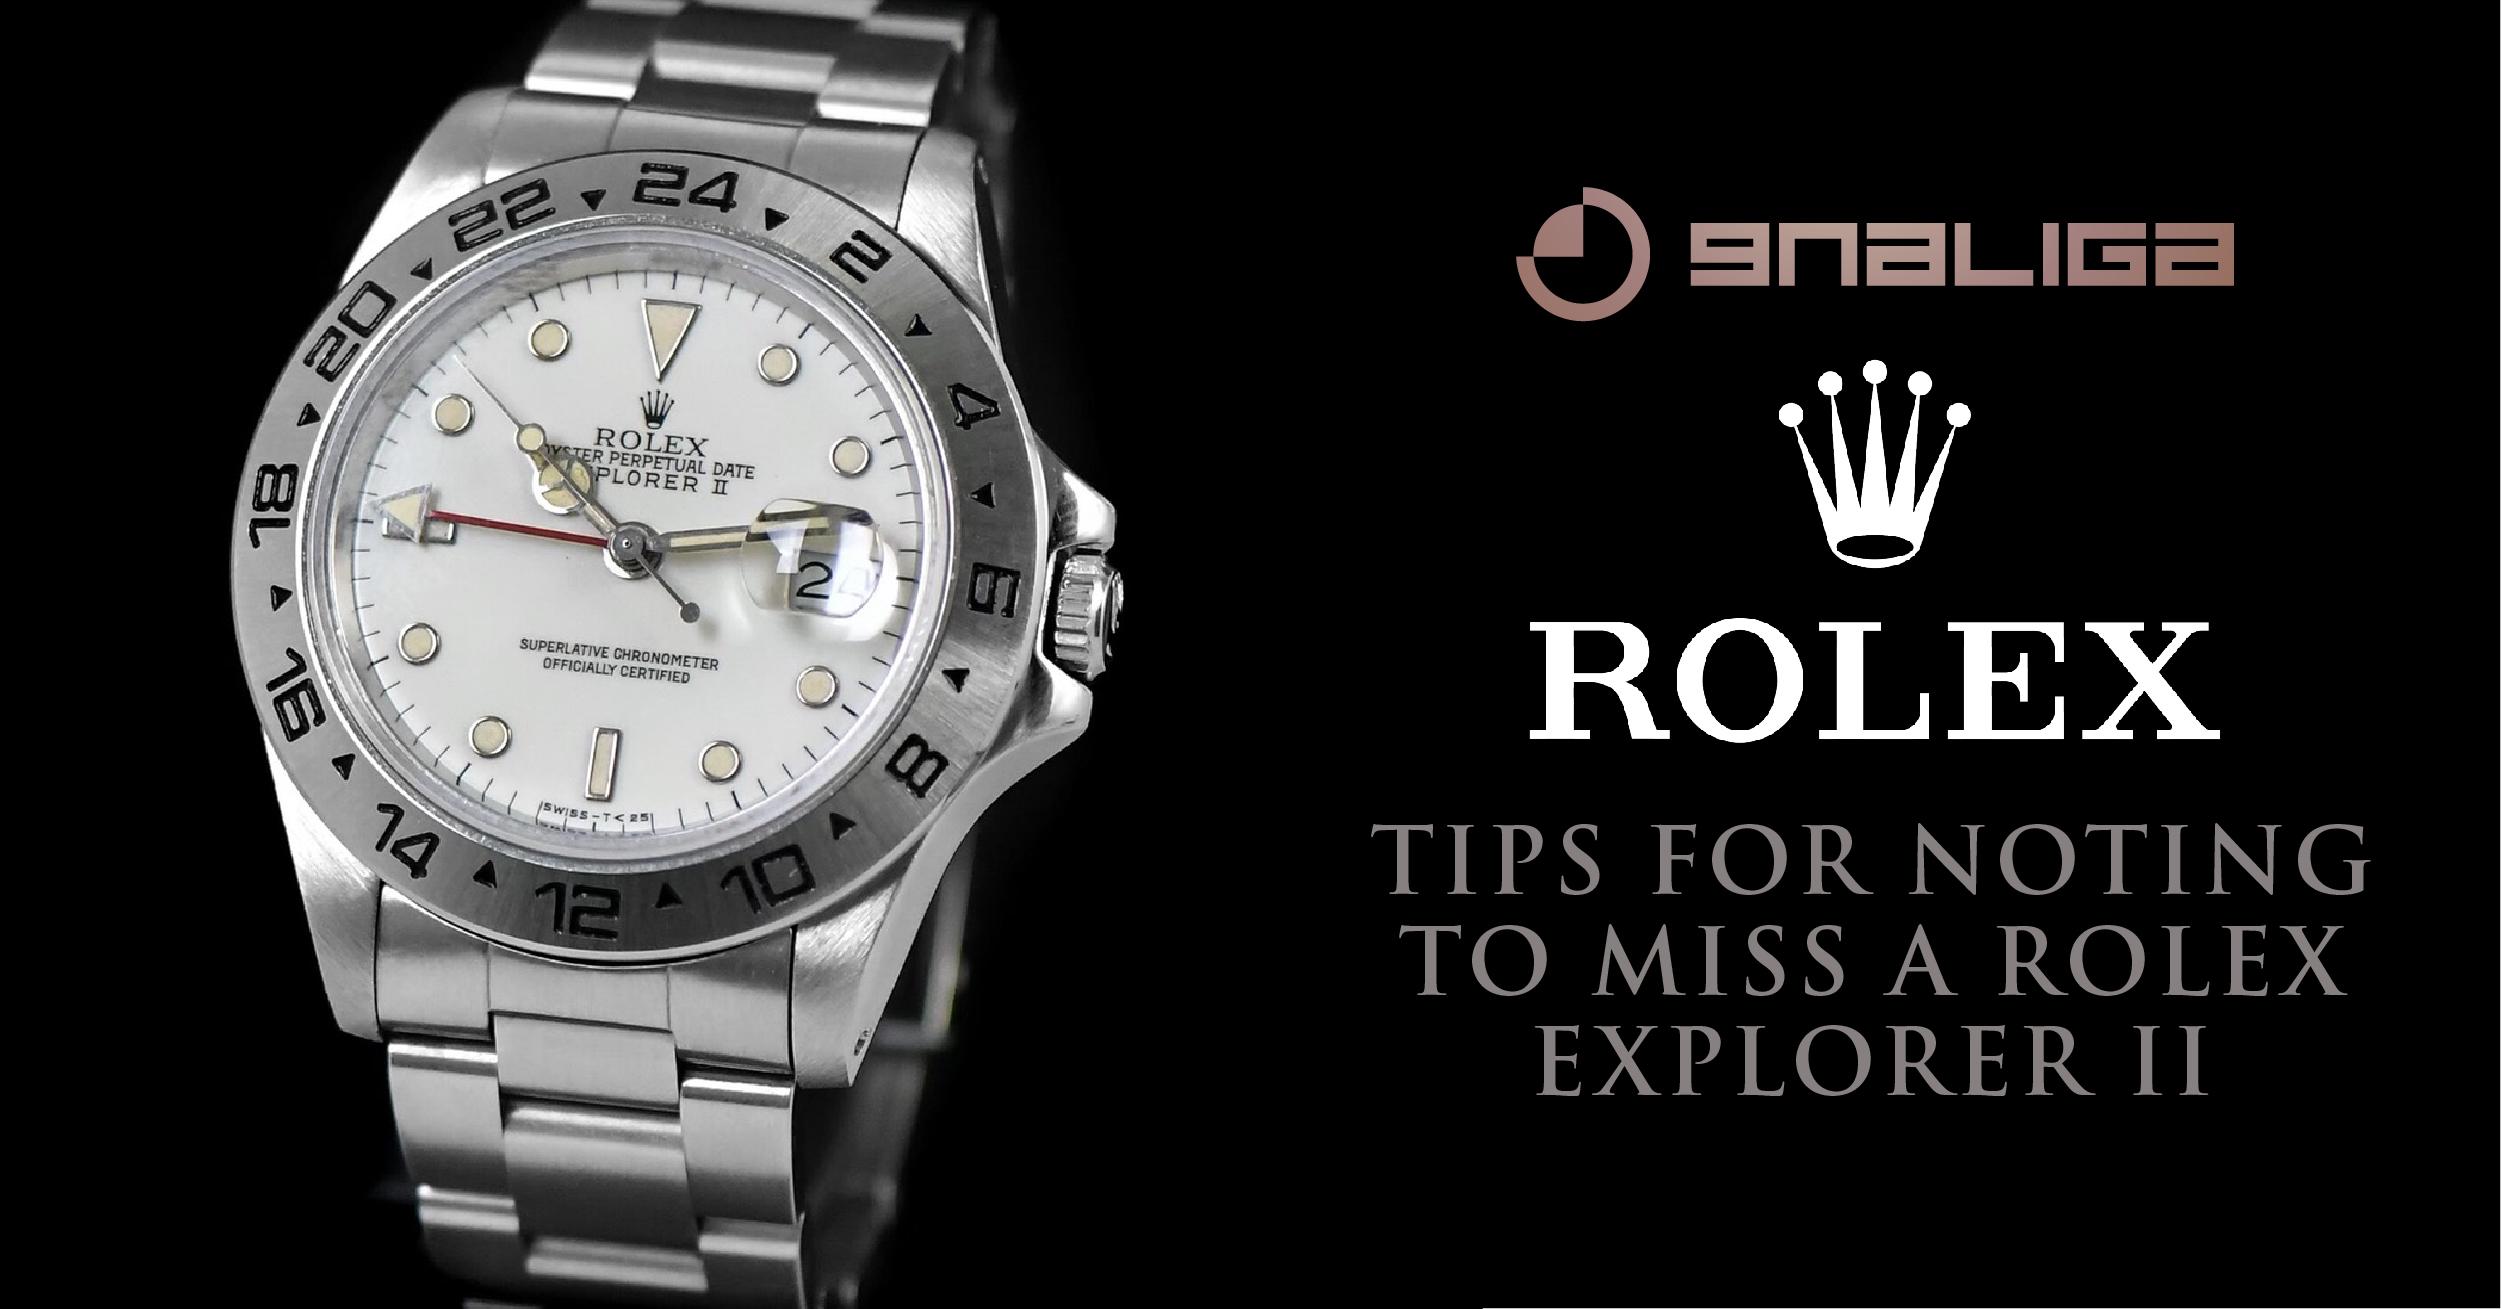 ทีเด็ดความลับนาฬิกาที่ไม่ควรพลาดกับ Rolex Explorer II